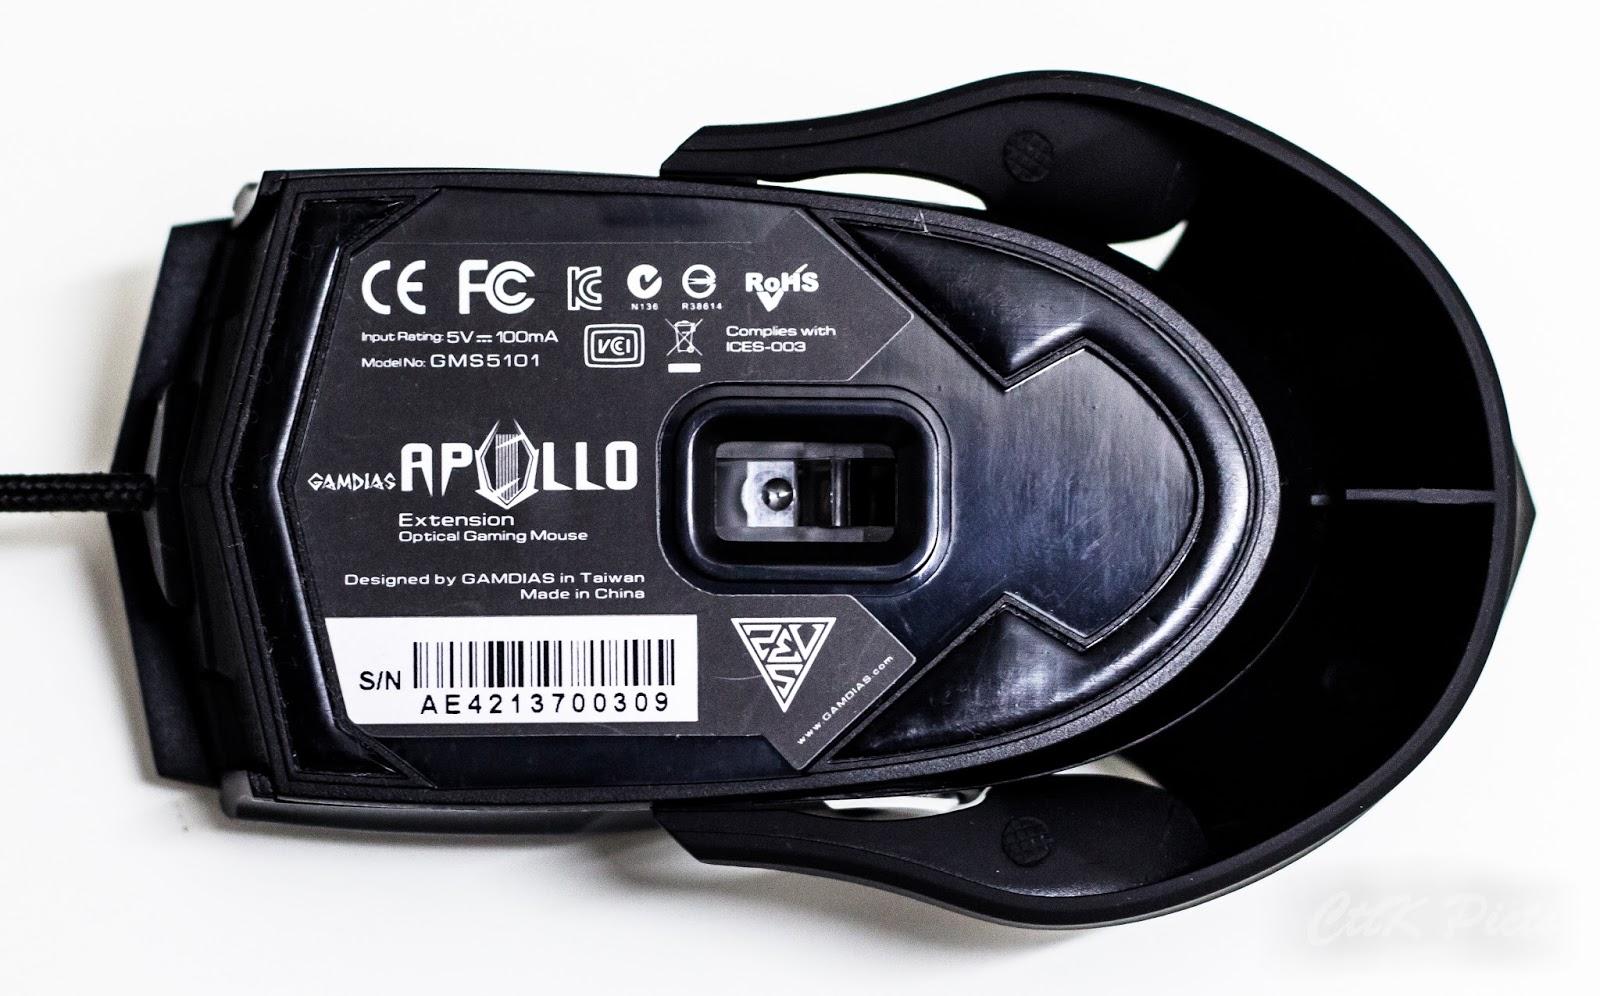 Gamdias Apollo Extension Optical Gaming Mouse 65